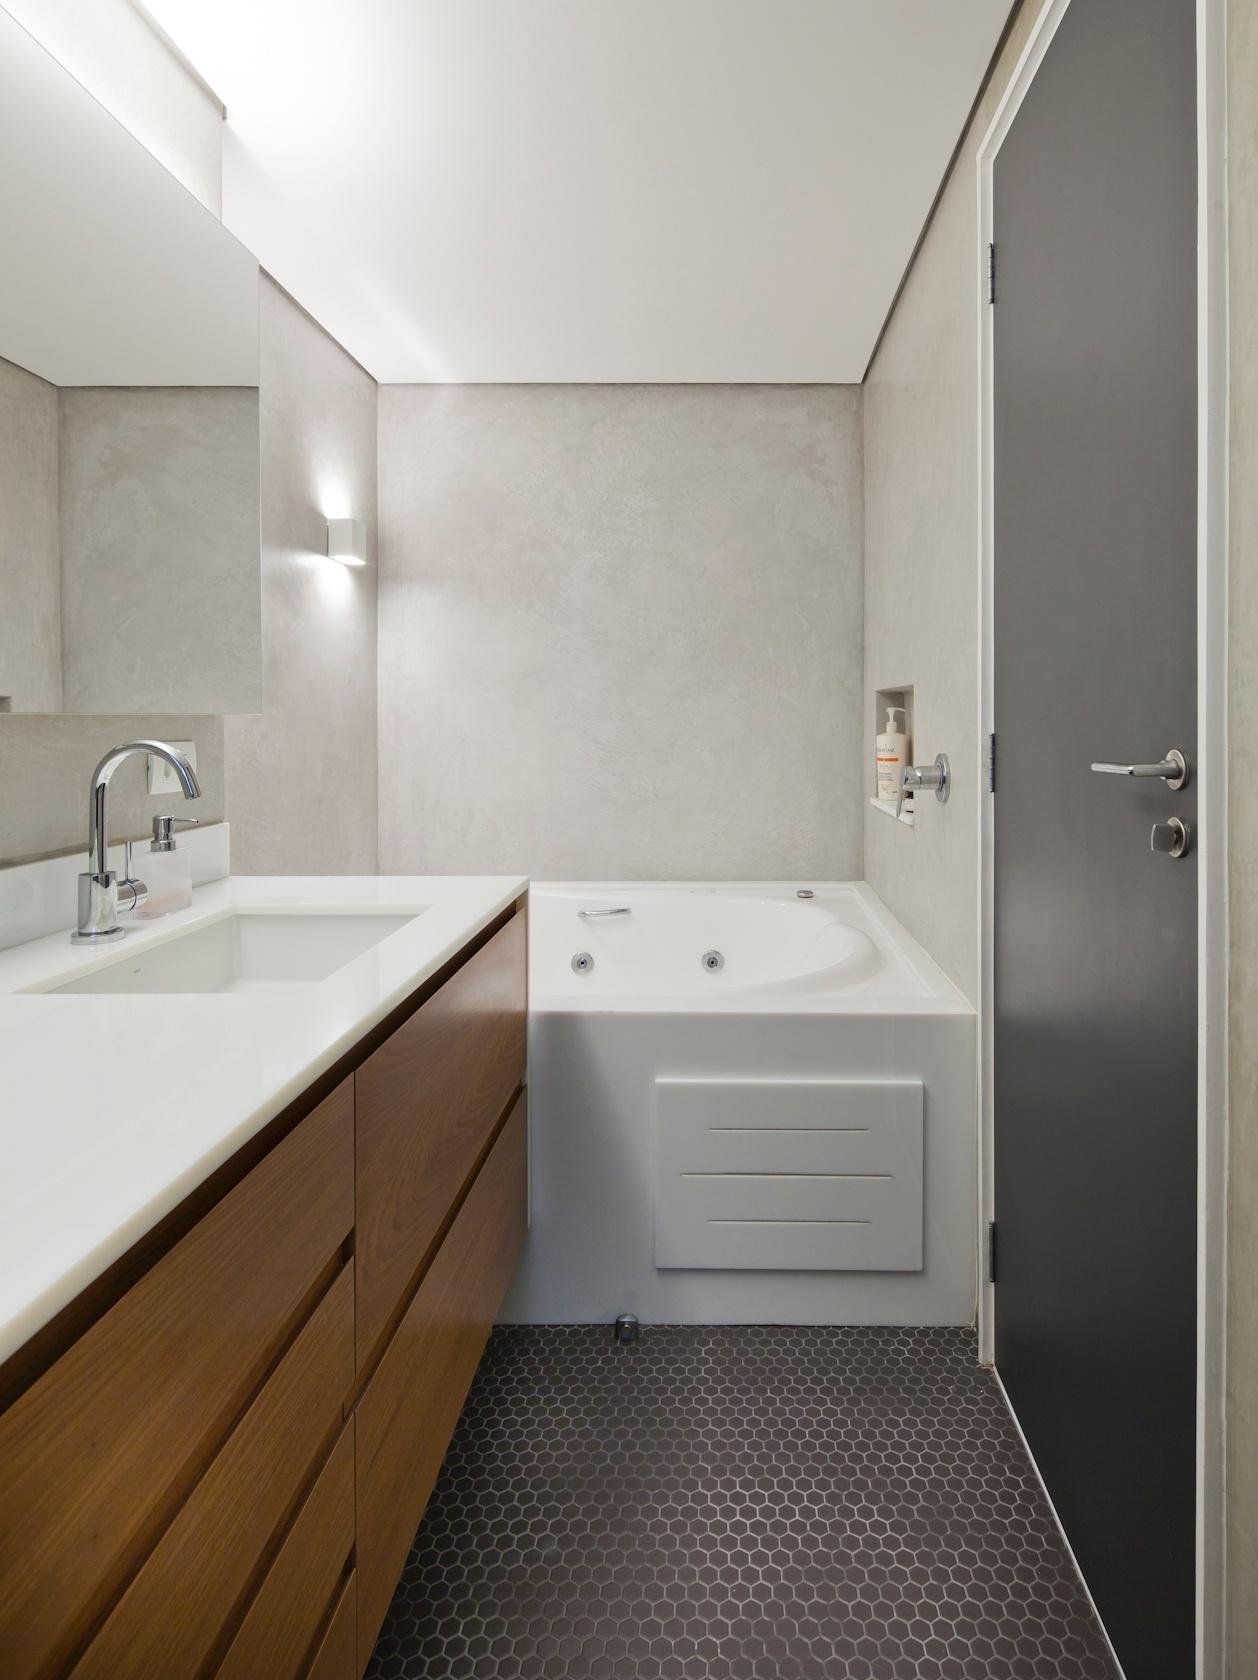 O banheiro de casal do apartamento de 160 m2, no Paraíso, zona sul de São Paulo, tem box de um lado e banheira de hidromassagem do outro, ligados por piso de pastilha hexagonal cinza. A bancada conta com gabinete em madeira freijó e tampo de massa sintética de vidro, com duas cubas. O projeto é definido por Renato Dalla Marta, do AUM Arquitetos